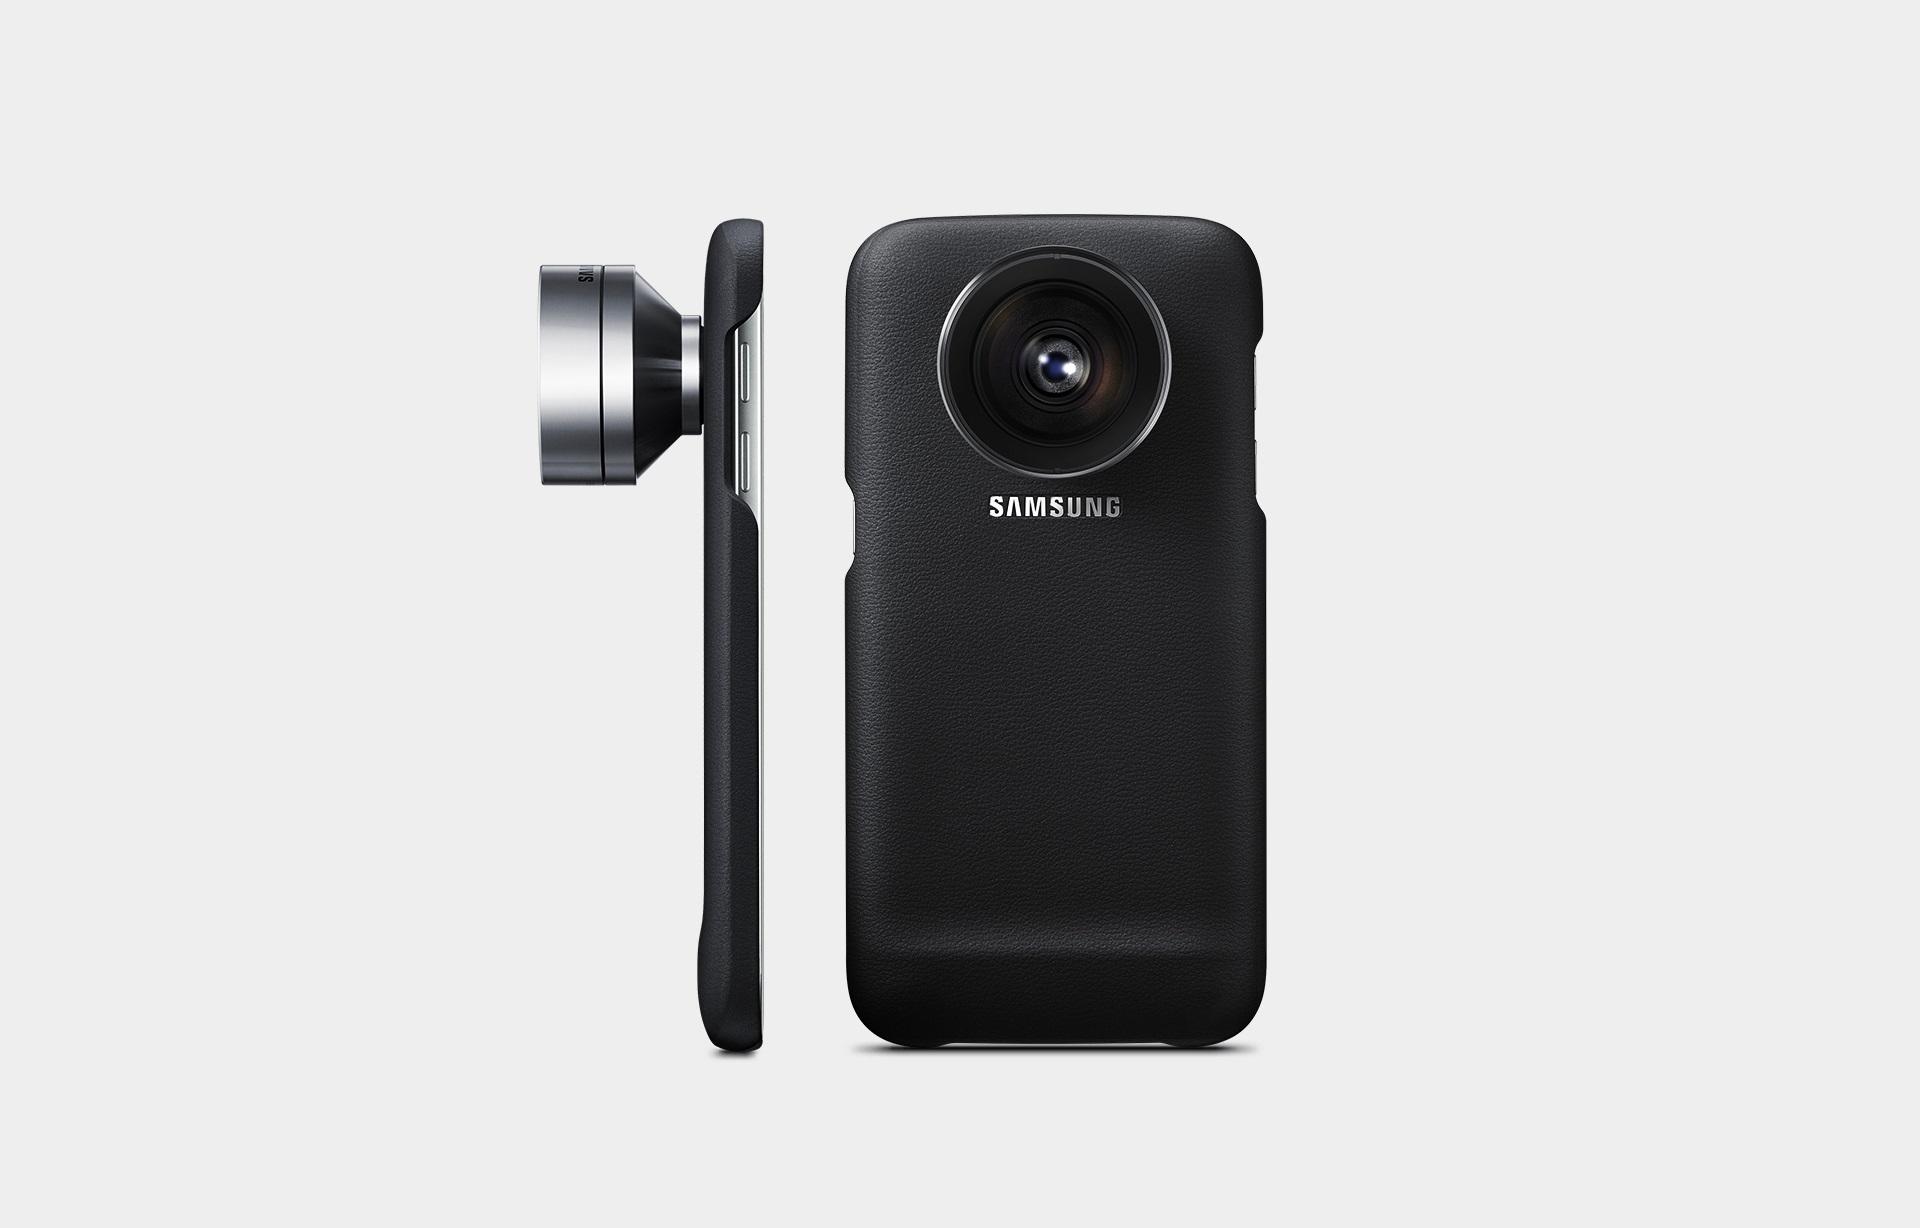 Lens Cover pro Galaxy S7 jde do prodeje, cena však mobilní fotografy nepotěší